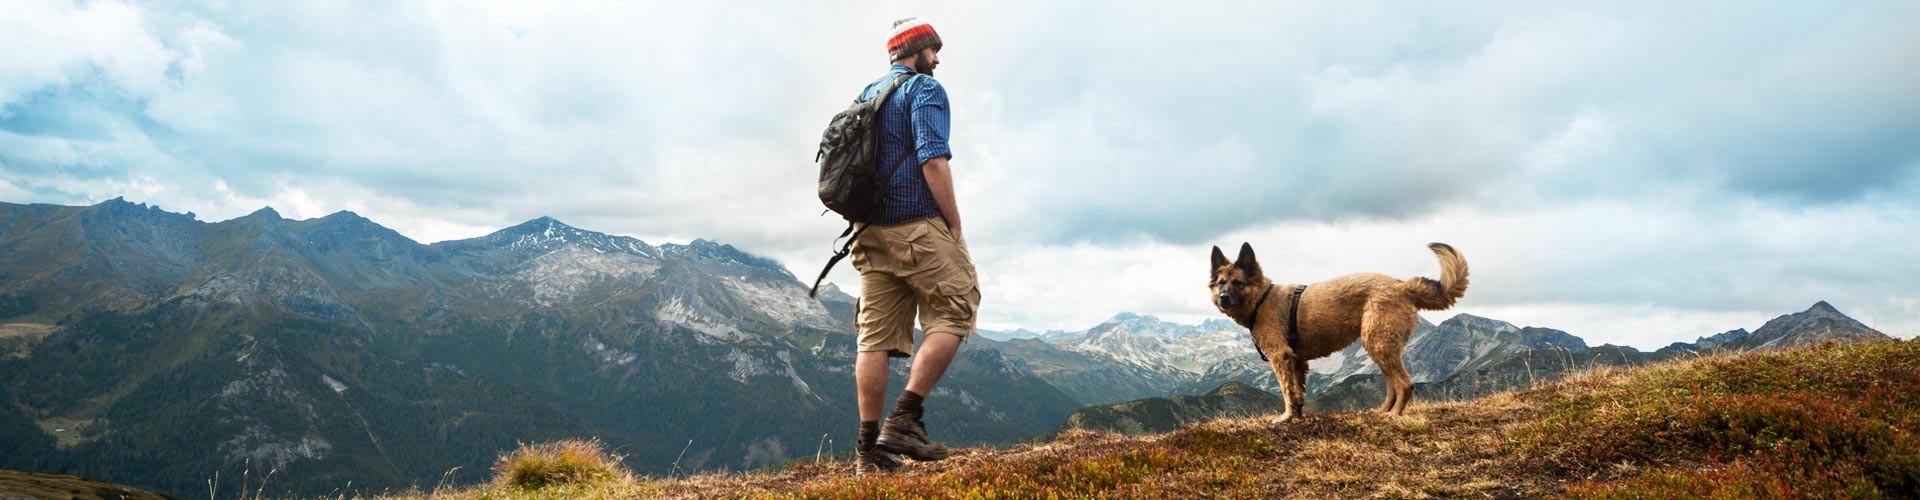 In den Berchtesgadener Bergen mit Hund